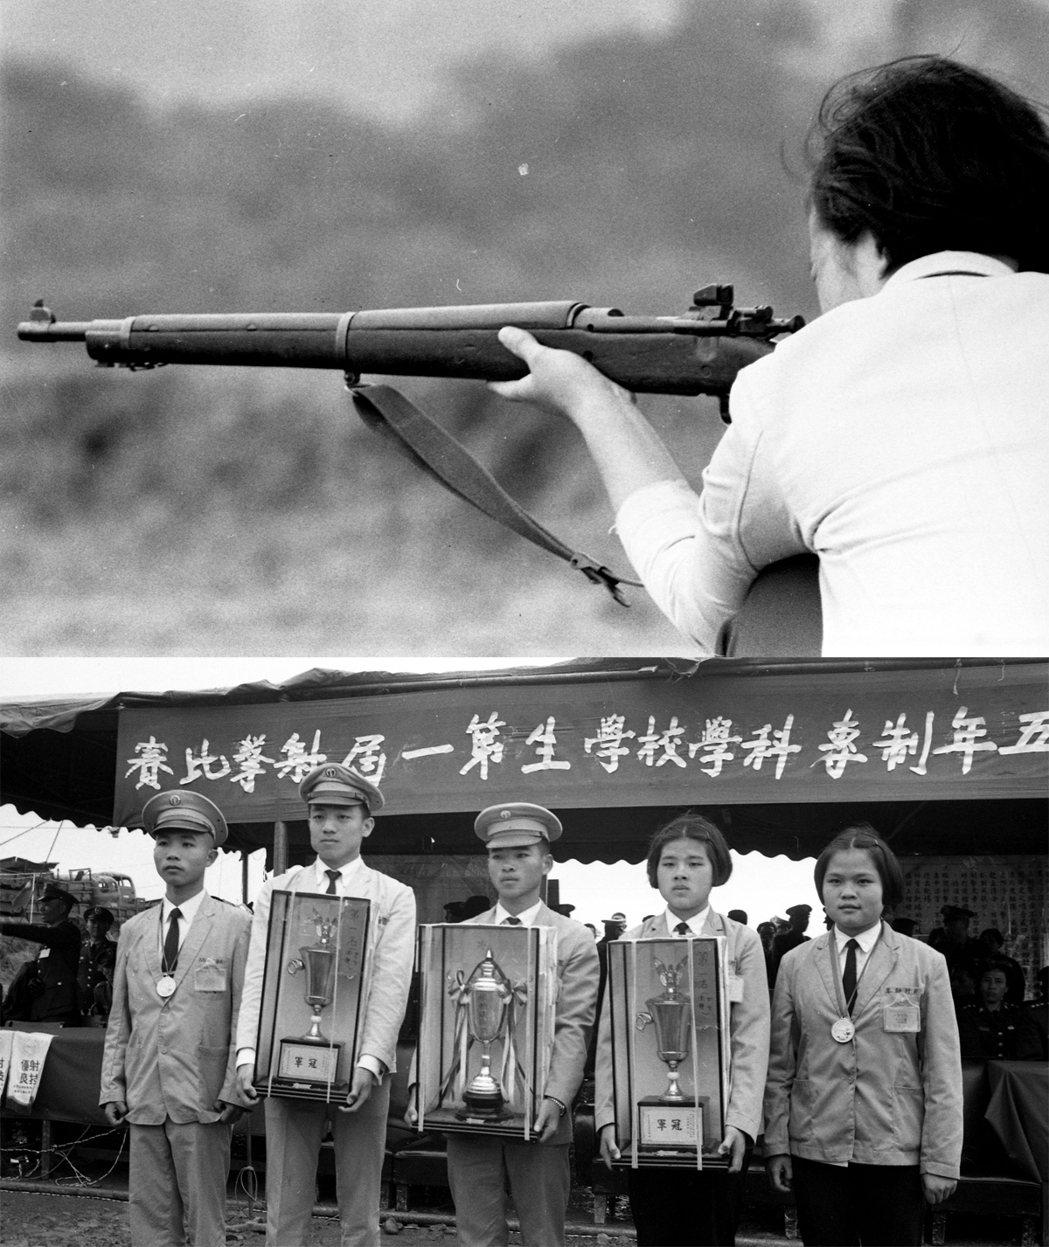 民國58年3月10日,在台北市三張犁靶楊舉行「台灣北區五專學校學生第一屆射擊比賽...